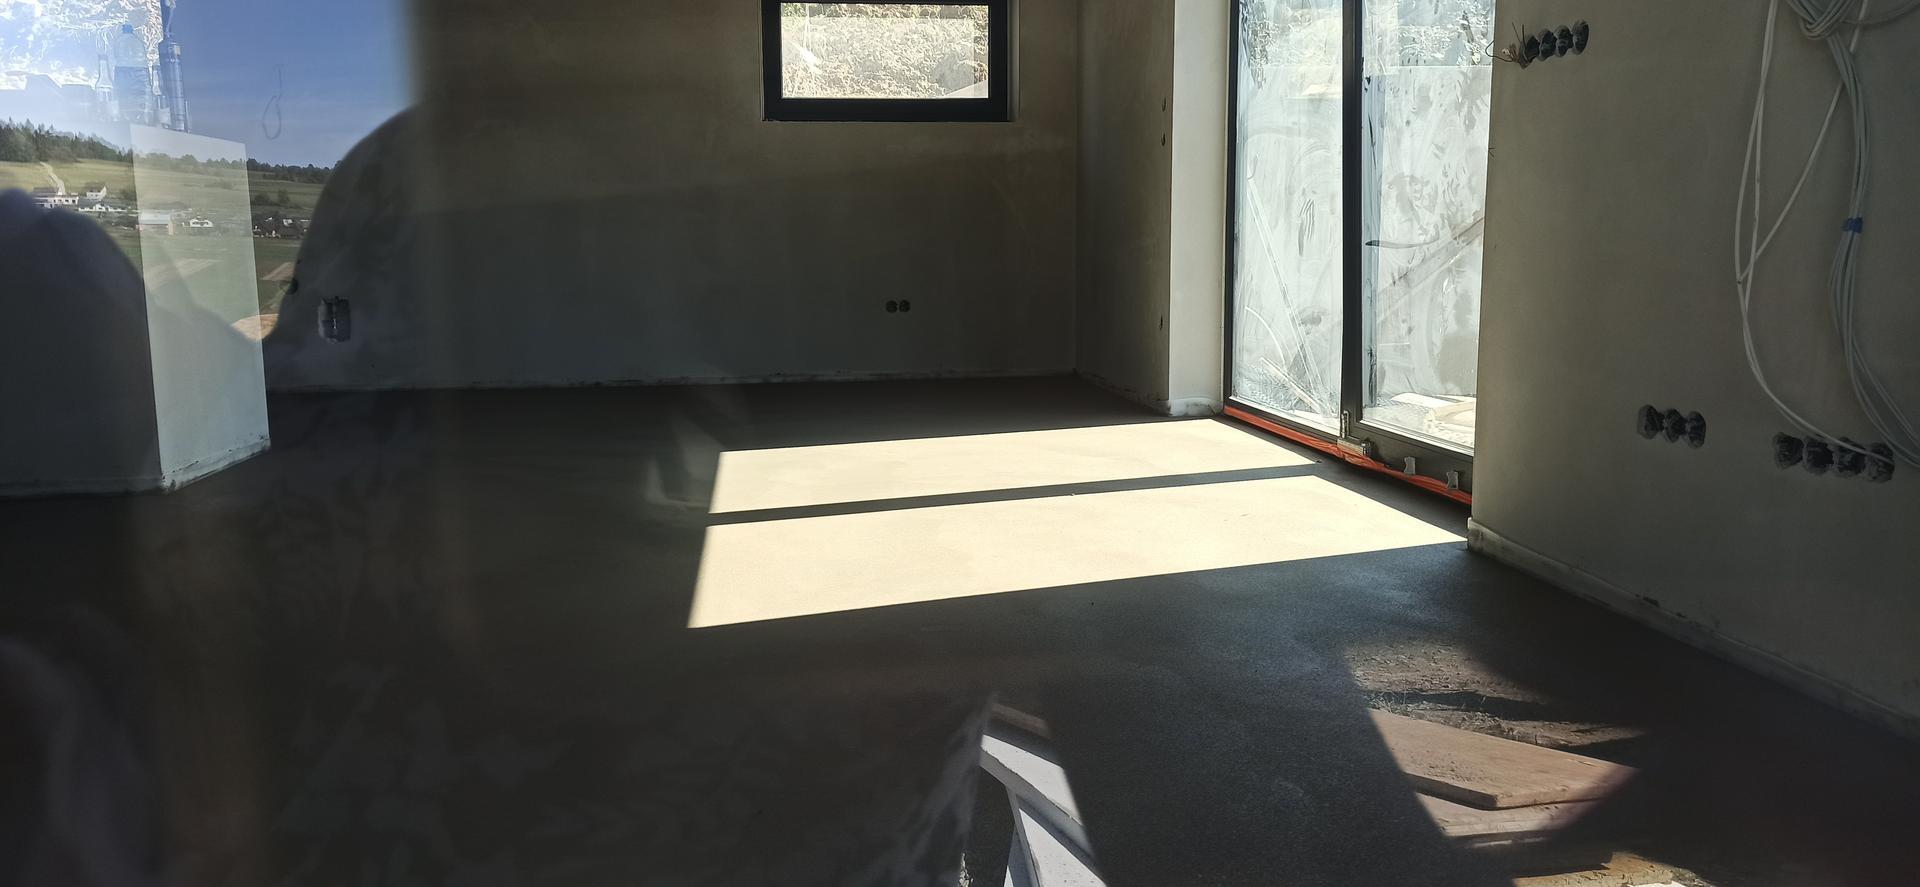 Náš domček ❤️🏡 - Slnko nám svieti na čerstvý poter